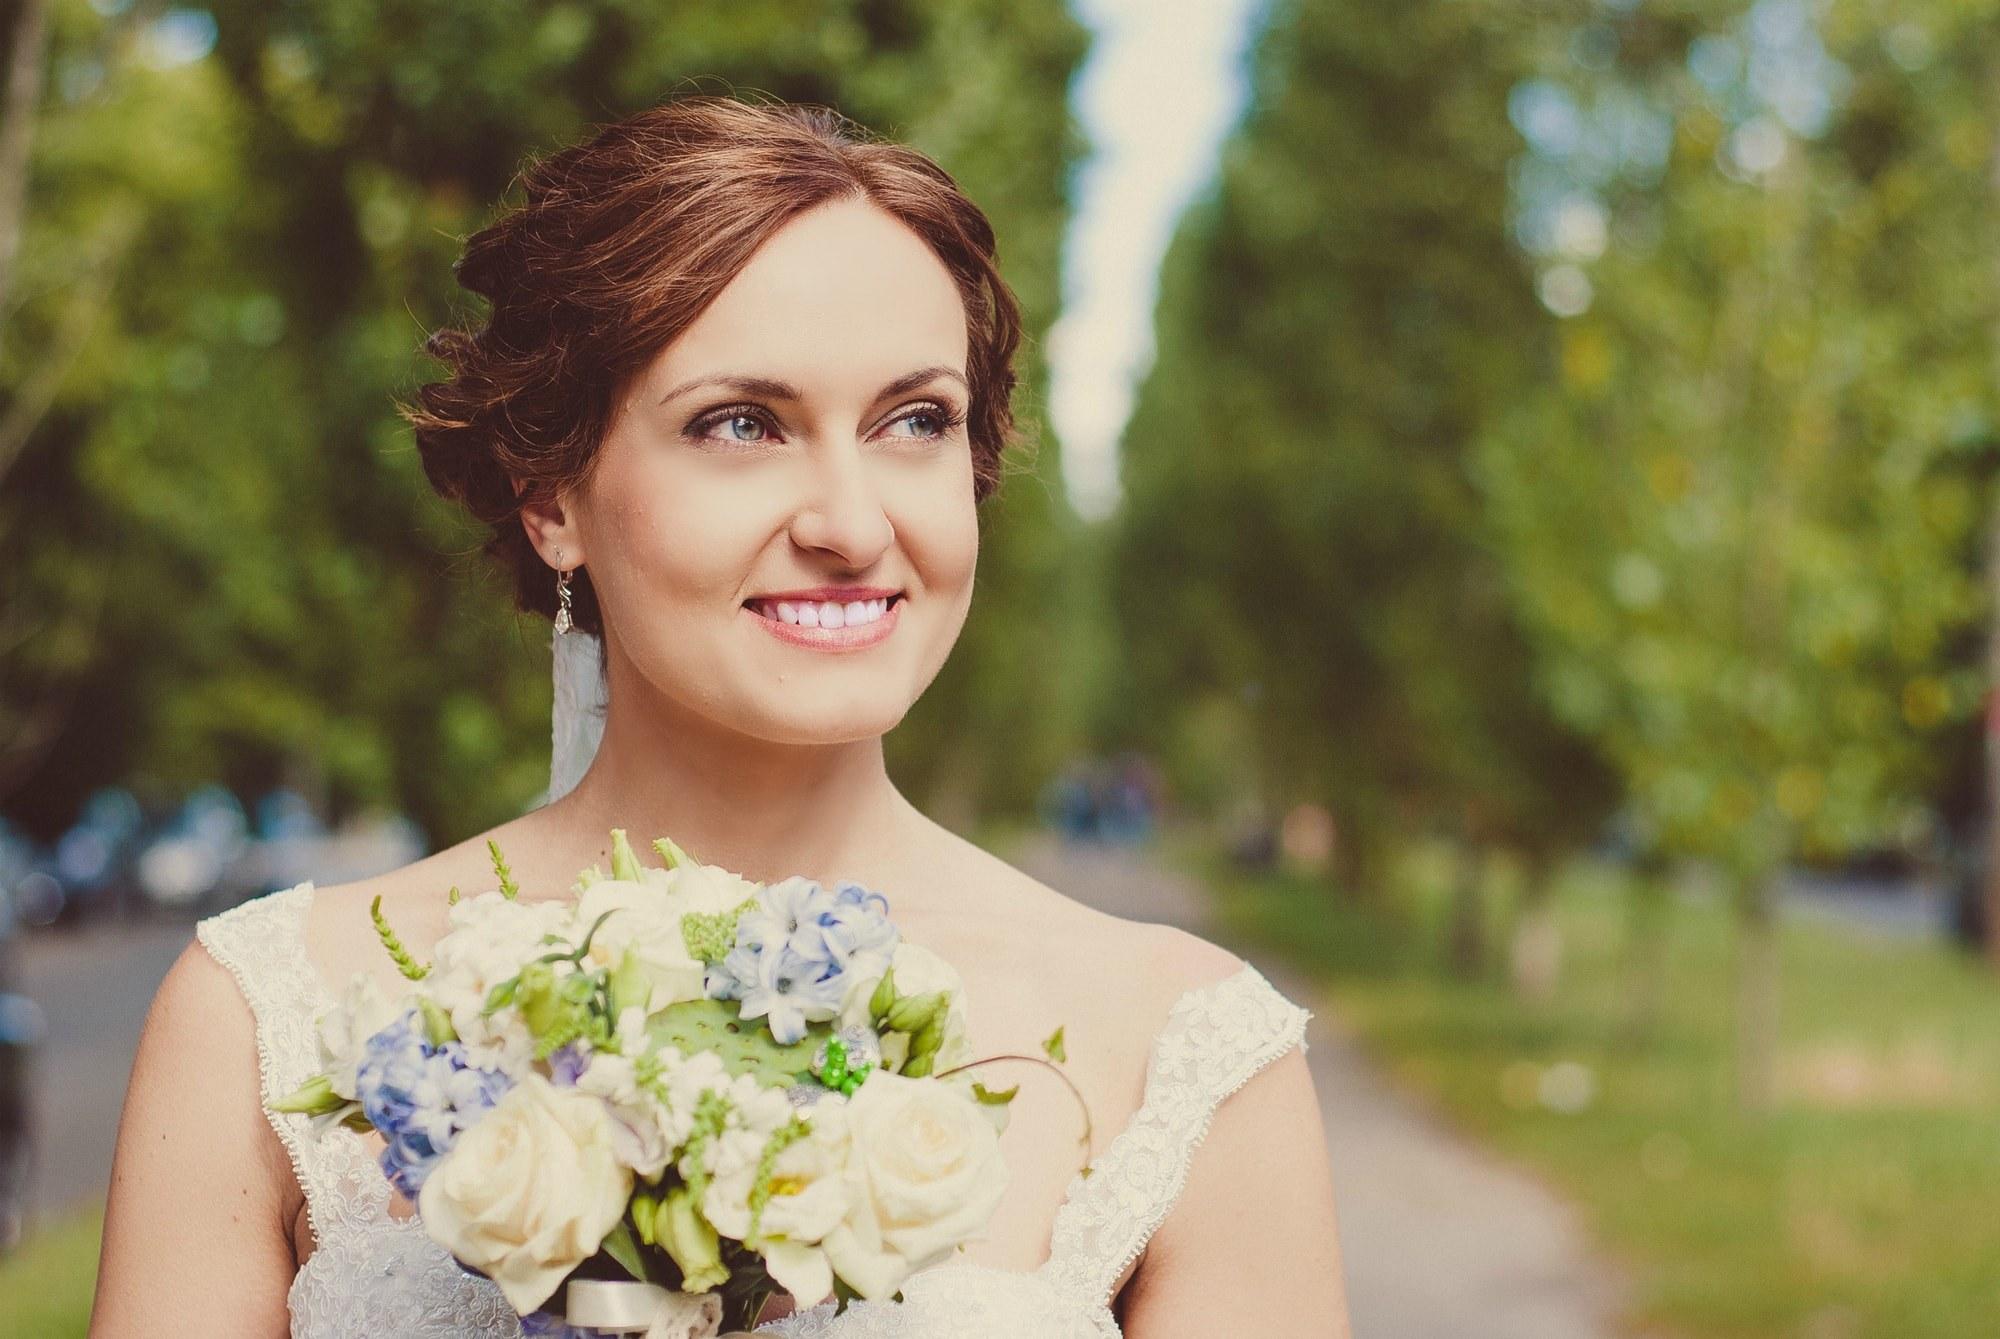 Фото радостной невесты - Фотограф Киев - Женя Лайт